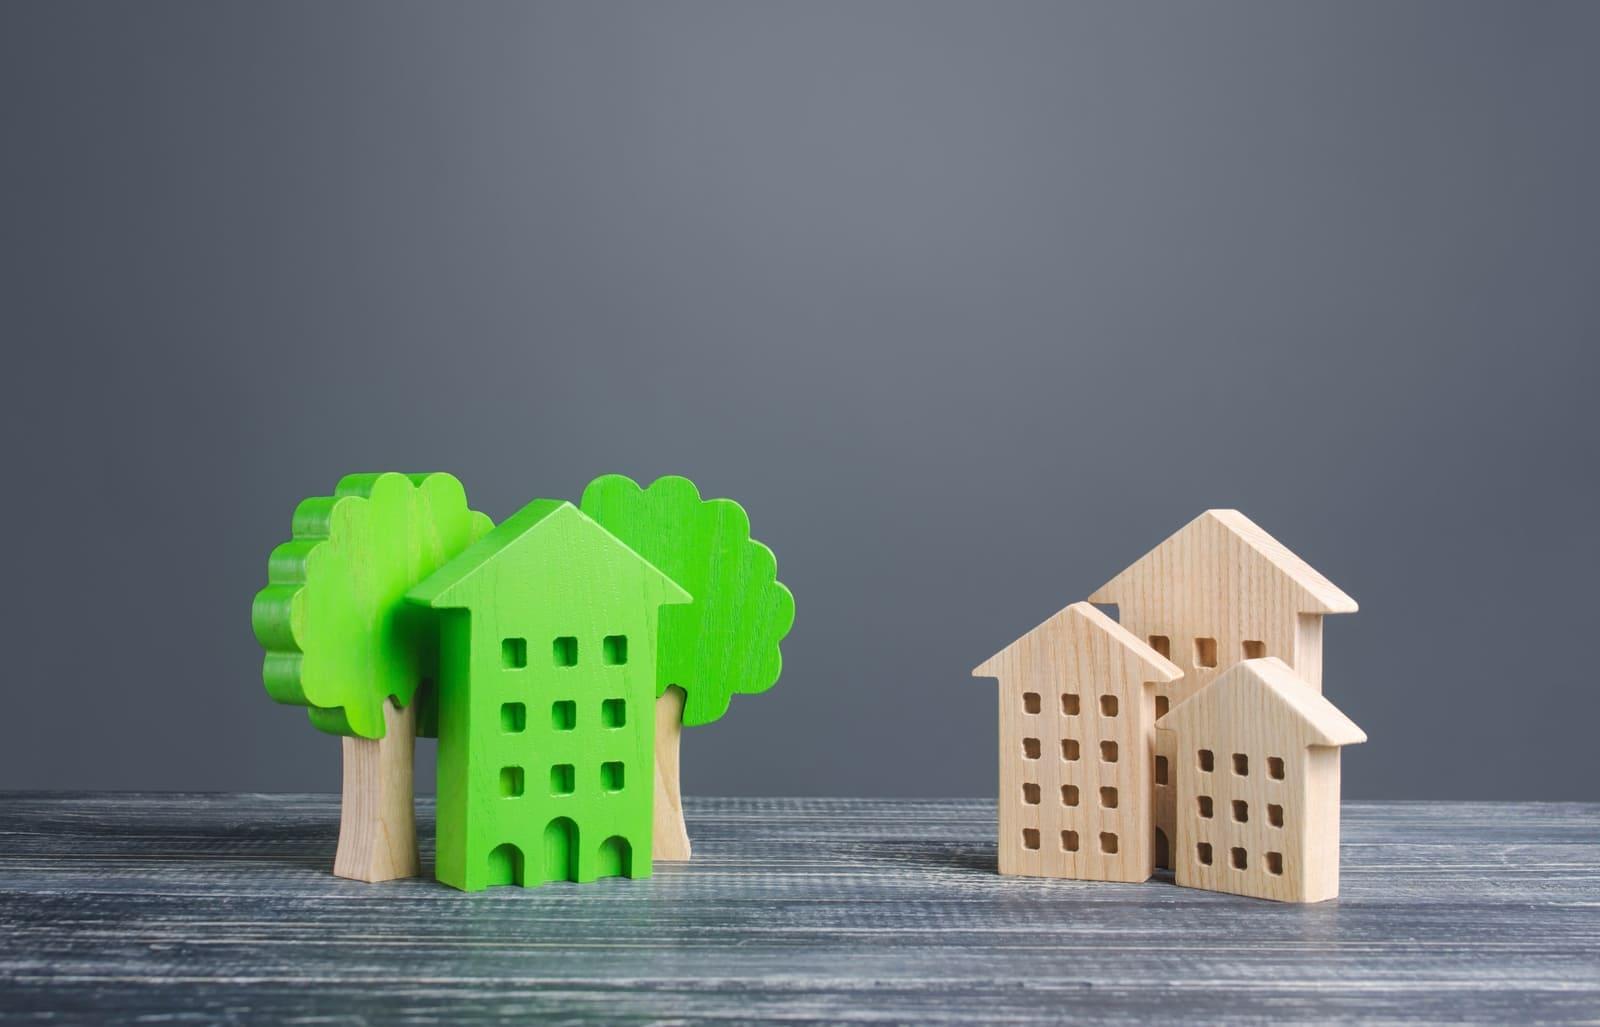 La eficiencia energética A+++ y su etiquetado reglamentario